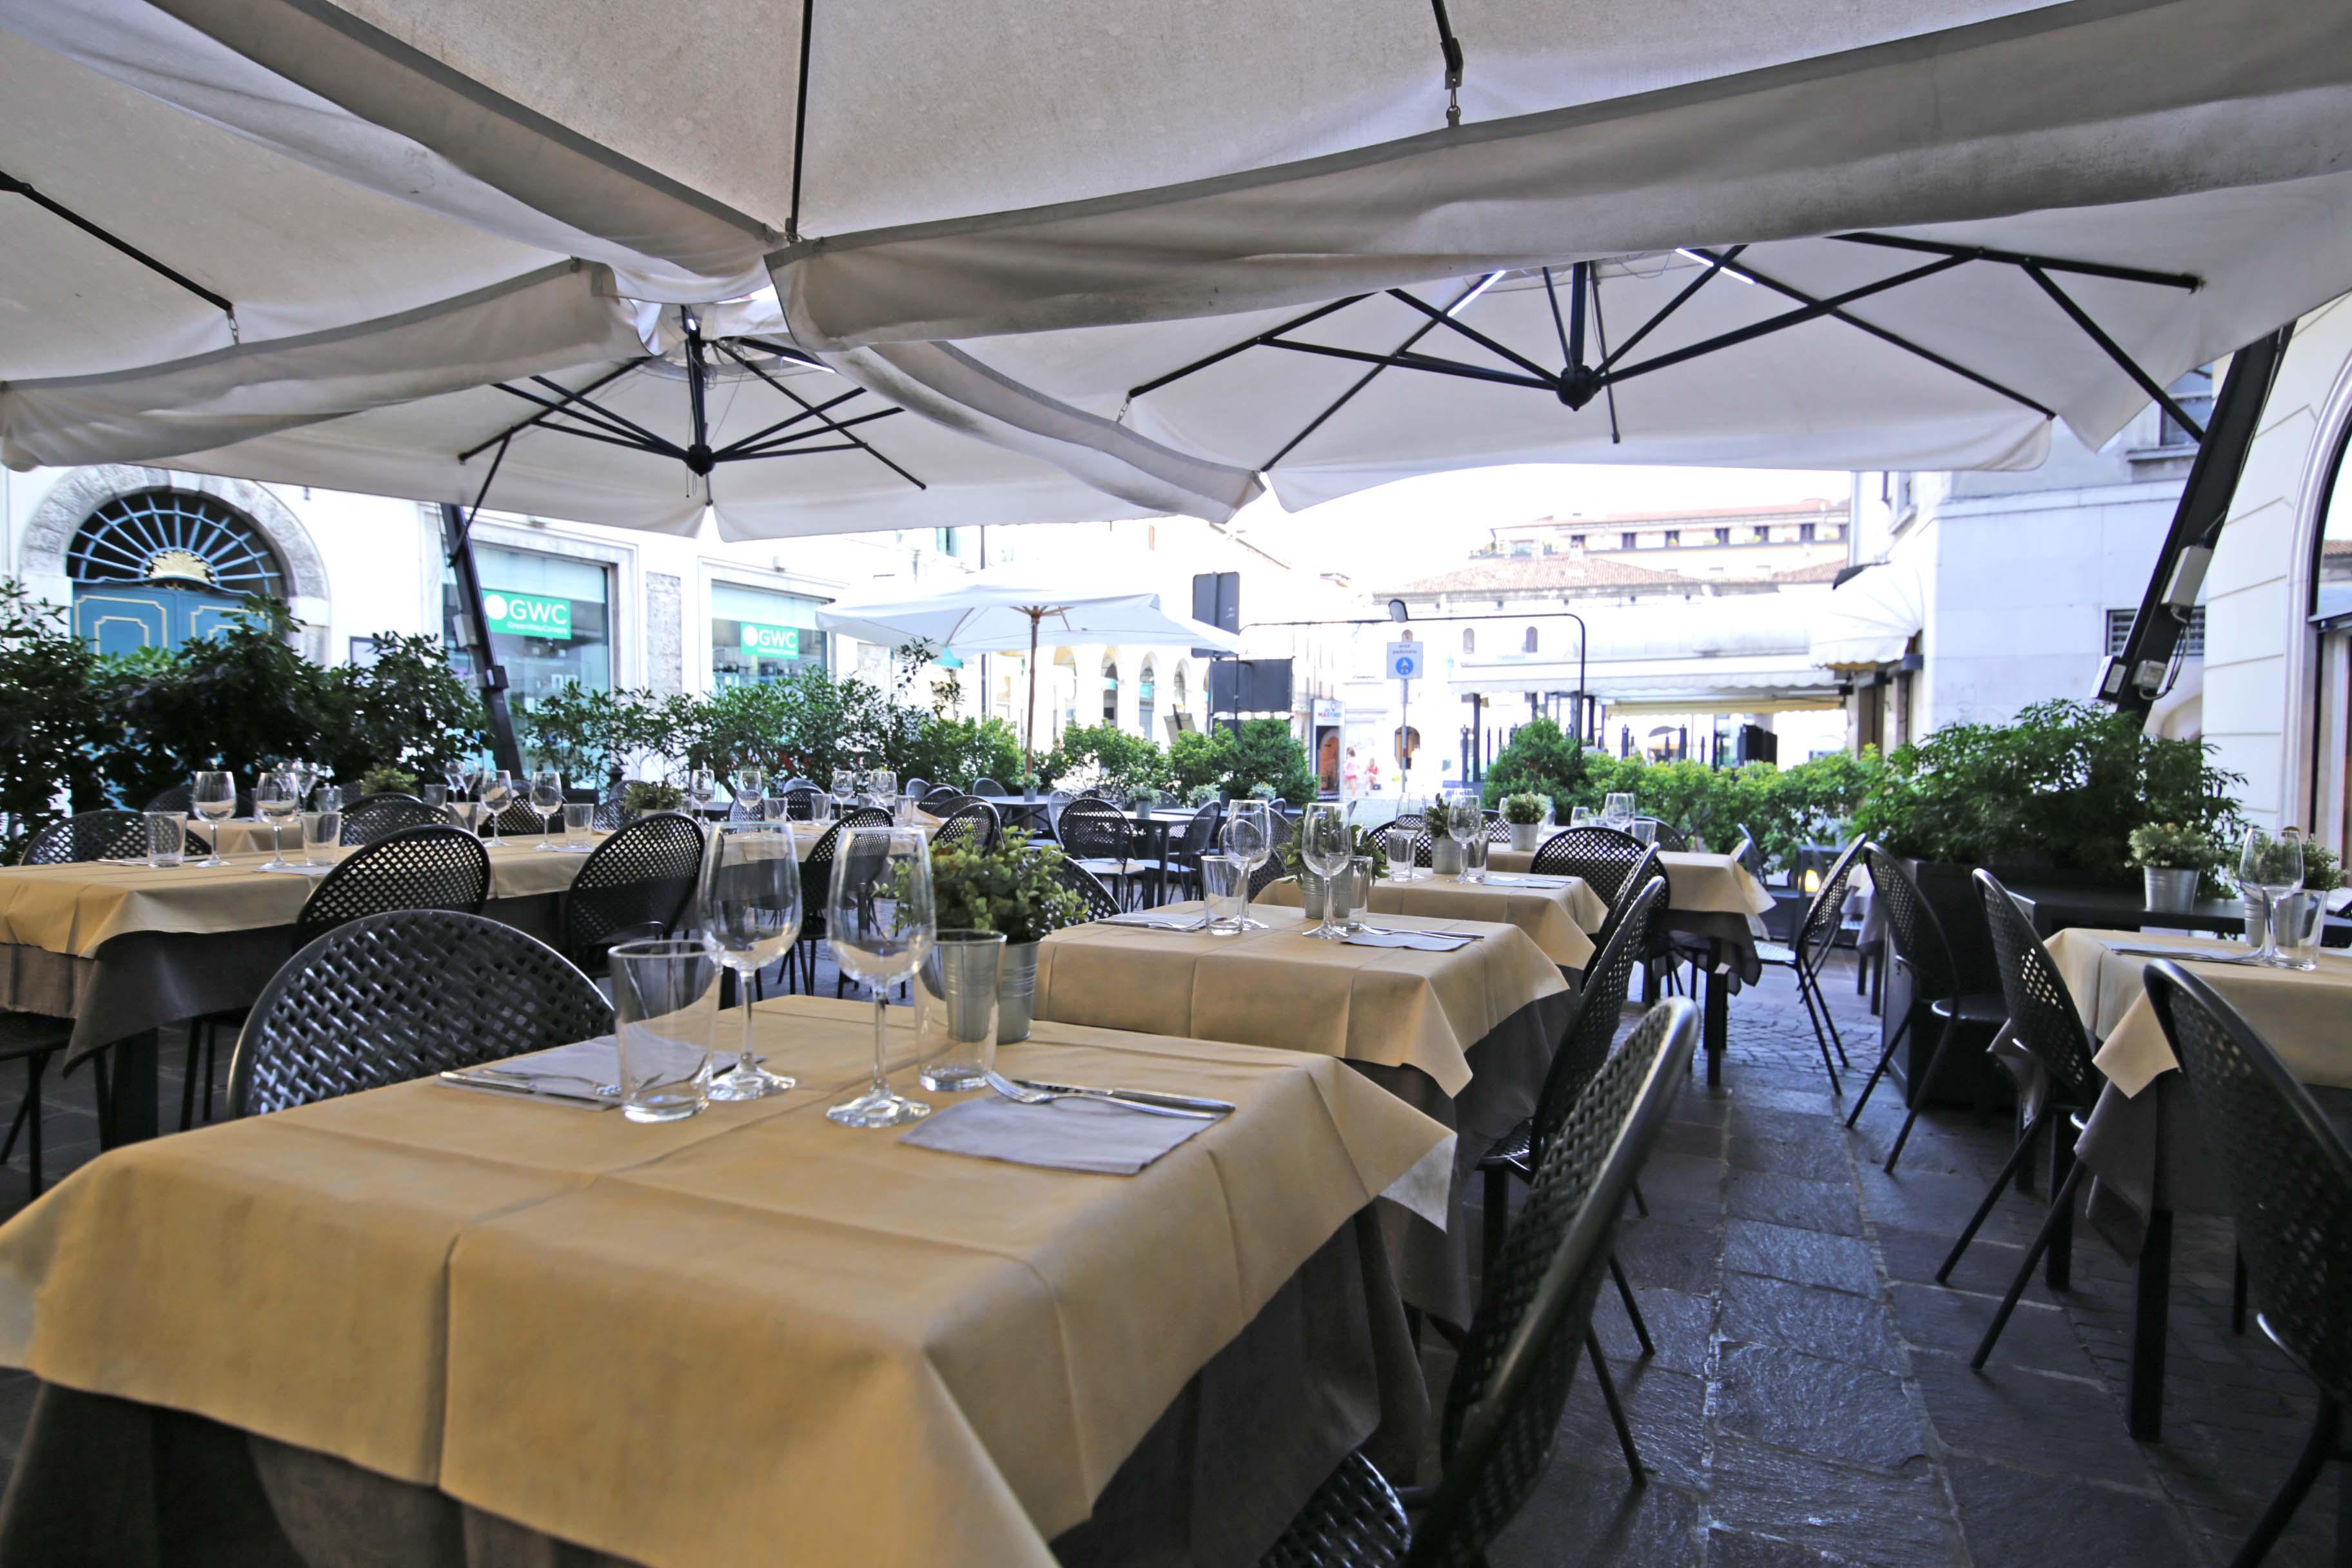 Caff floriam restaurant dia brescia centro storico brescia a tavola - Caffe cucina brescia ...